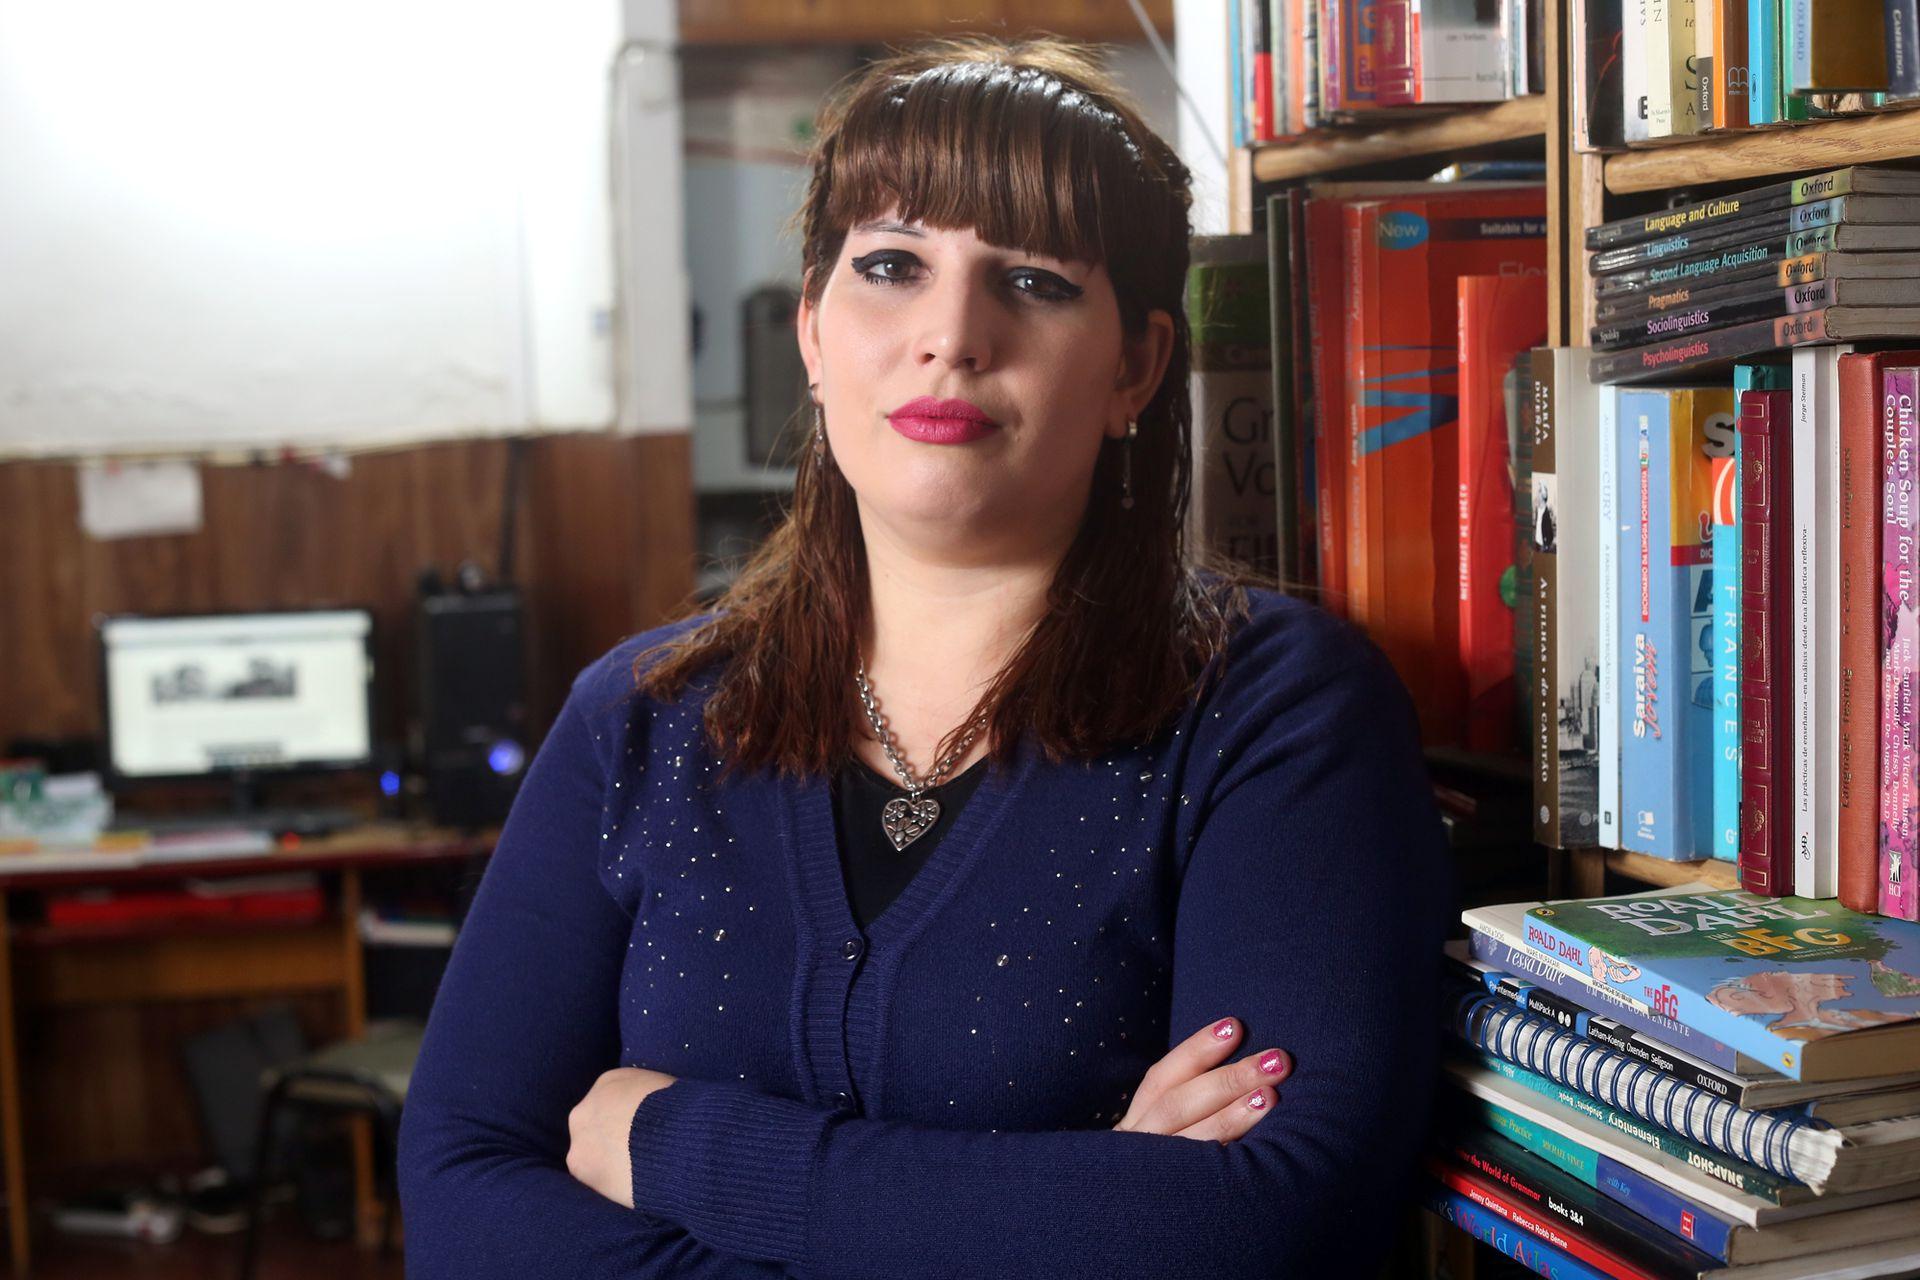 Paula Reutercecchetto es docente en cuatro escuelas públicas de Quilmes, tiene a su cargo 12 cursos y hace esfuerzos para lograr que sus alumnos se conecten